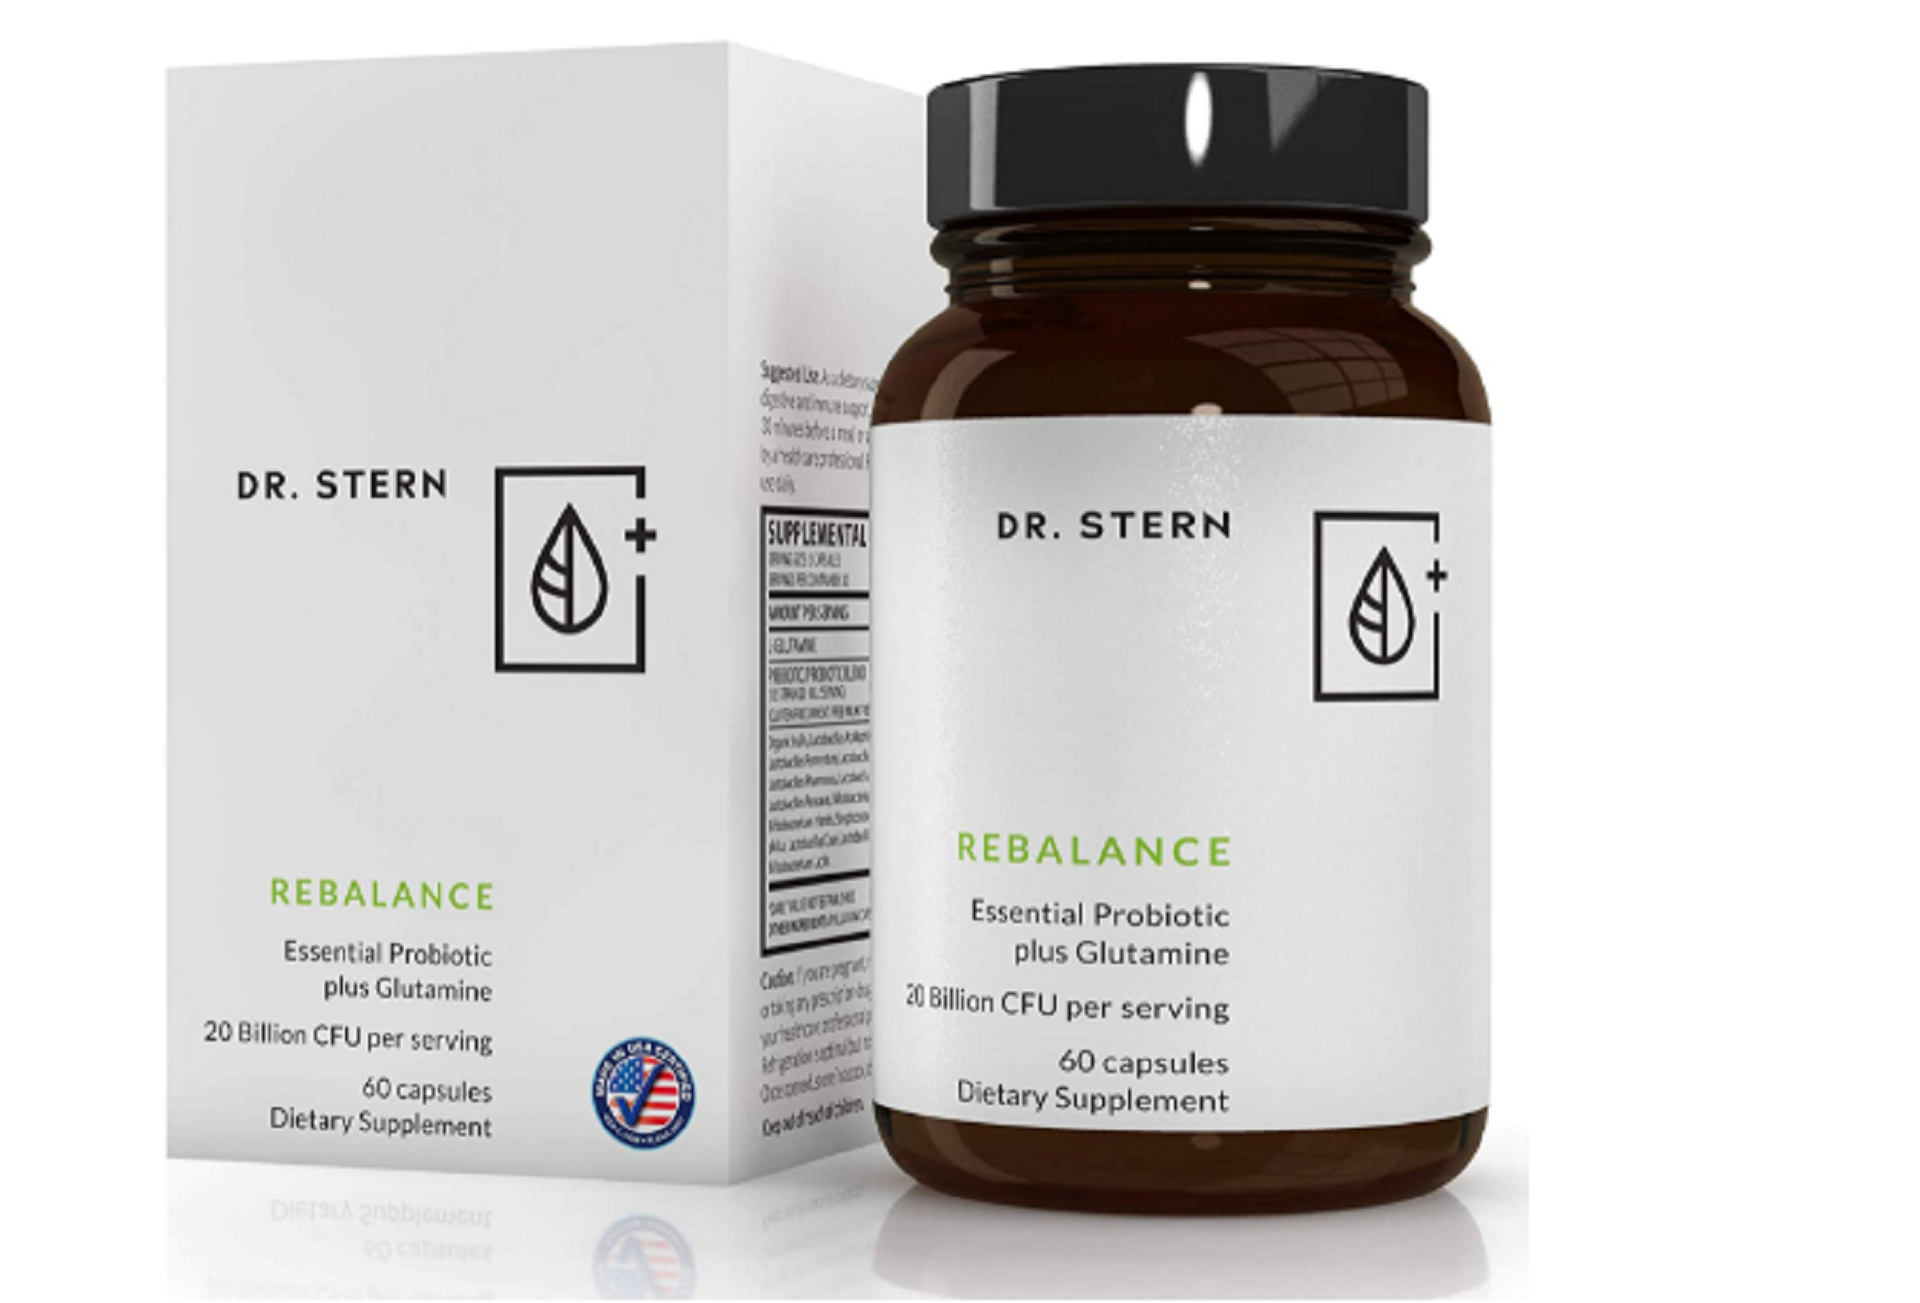 dr.stern probiotic